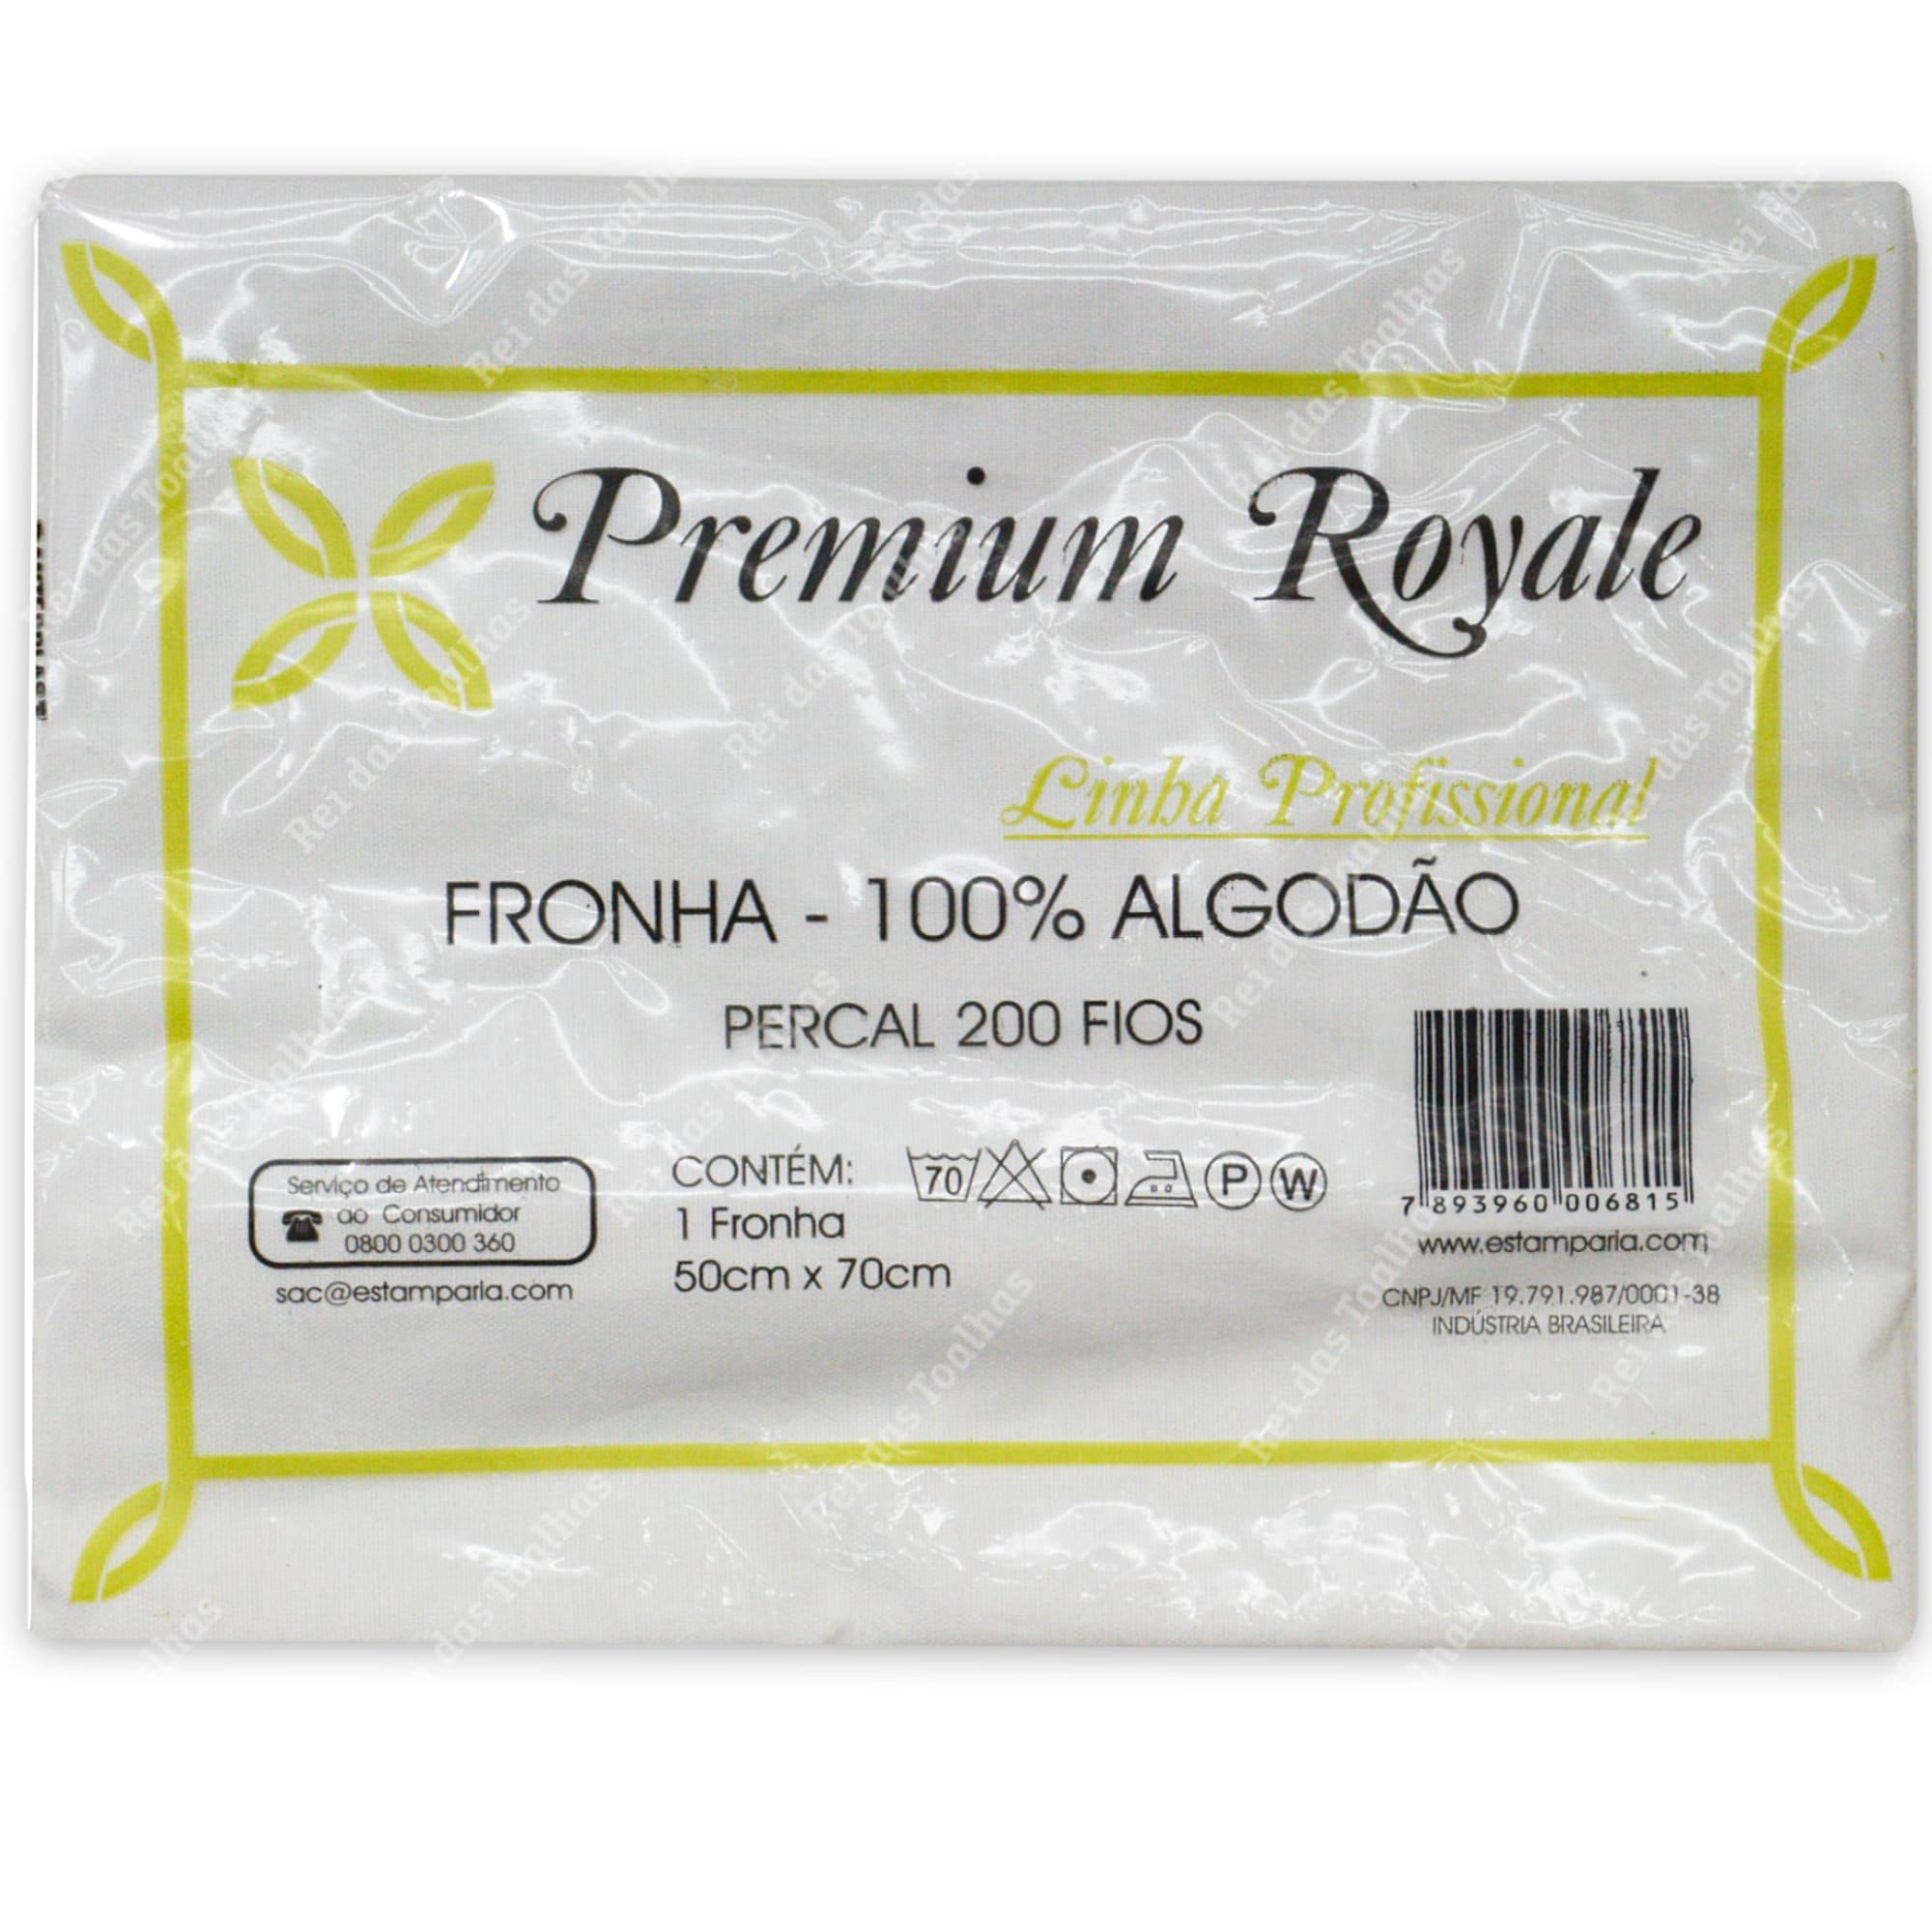 Fronha Premium Royale Linha Profissional Percal 200 Fios 100% Algodão ESTAMPARIA S.A